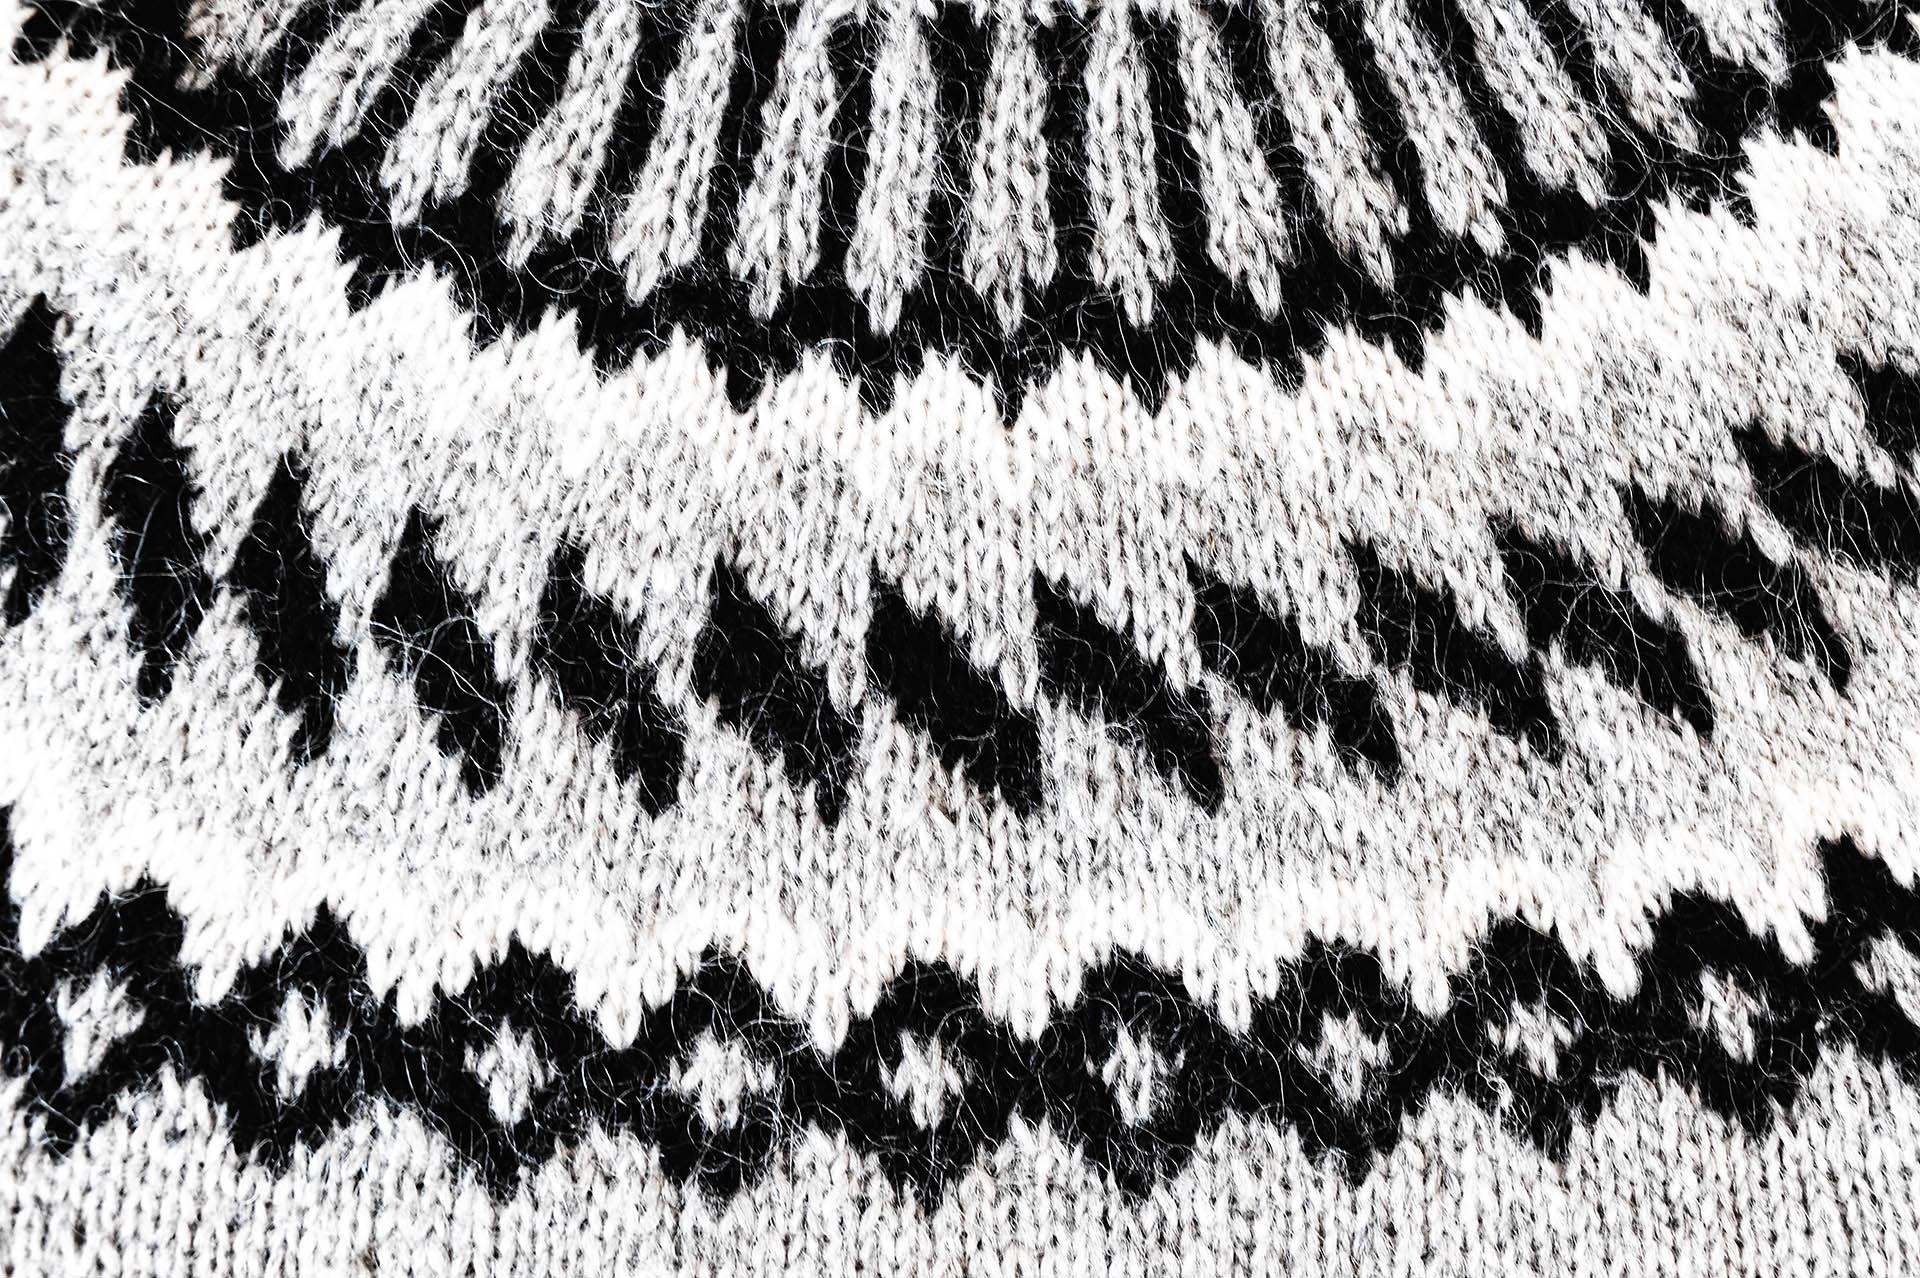 typisches Muster eines Islandpullovers aus Schafwolle